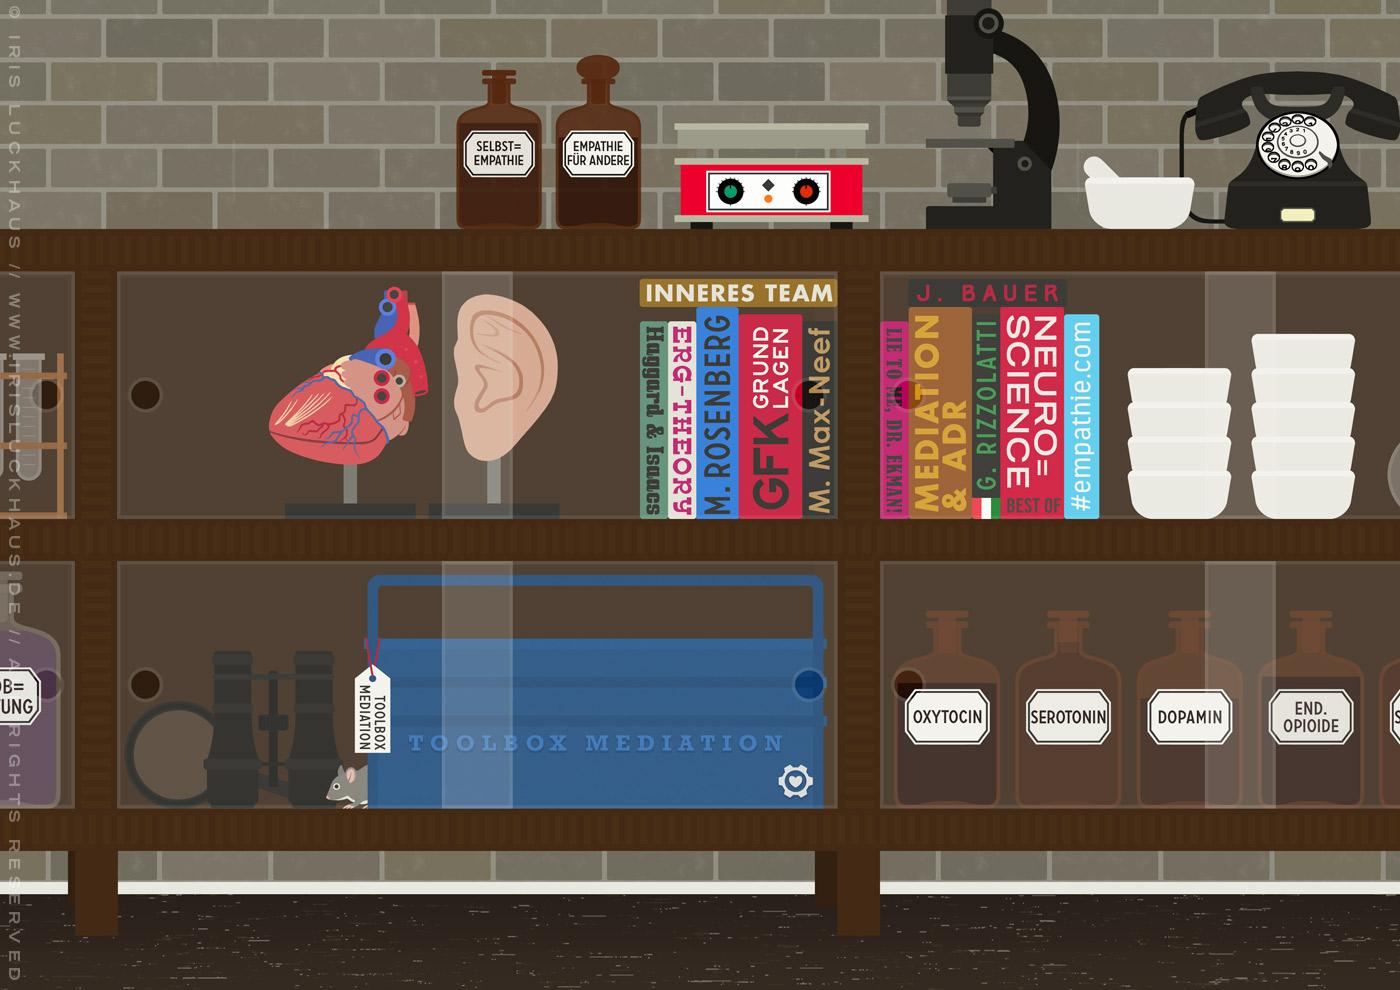 Ausschnitt mit Apothekengläsern, Waage, Mikroskop, Telefon, Herzmodell, Ohrmodell, Büchern, Lupe, Fernglas, Werkzeugkasten und Maus aus dem Empathie-Labor für EmpaTrain